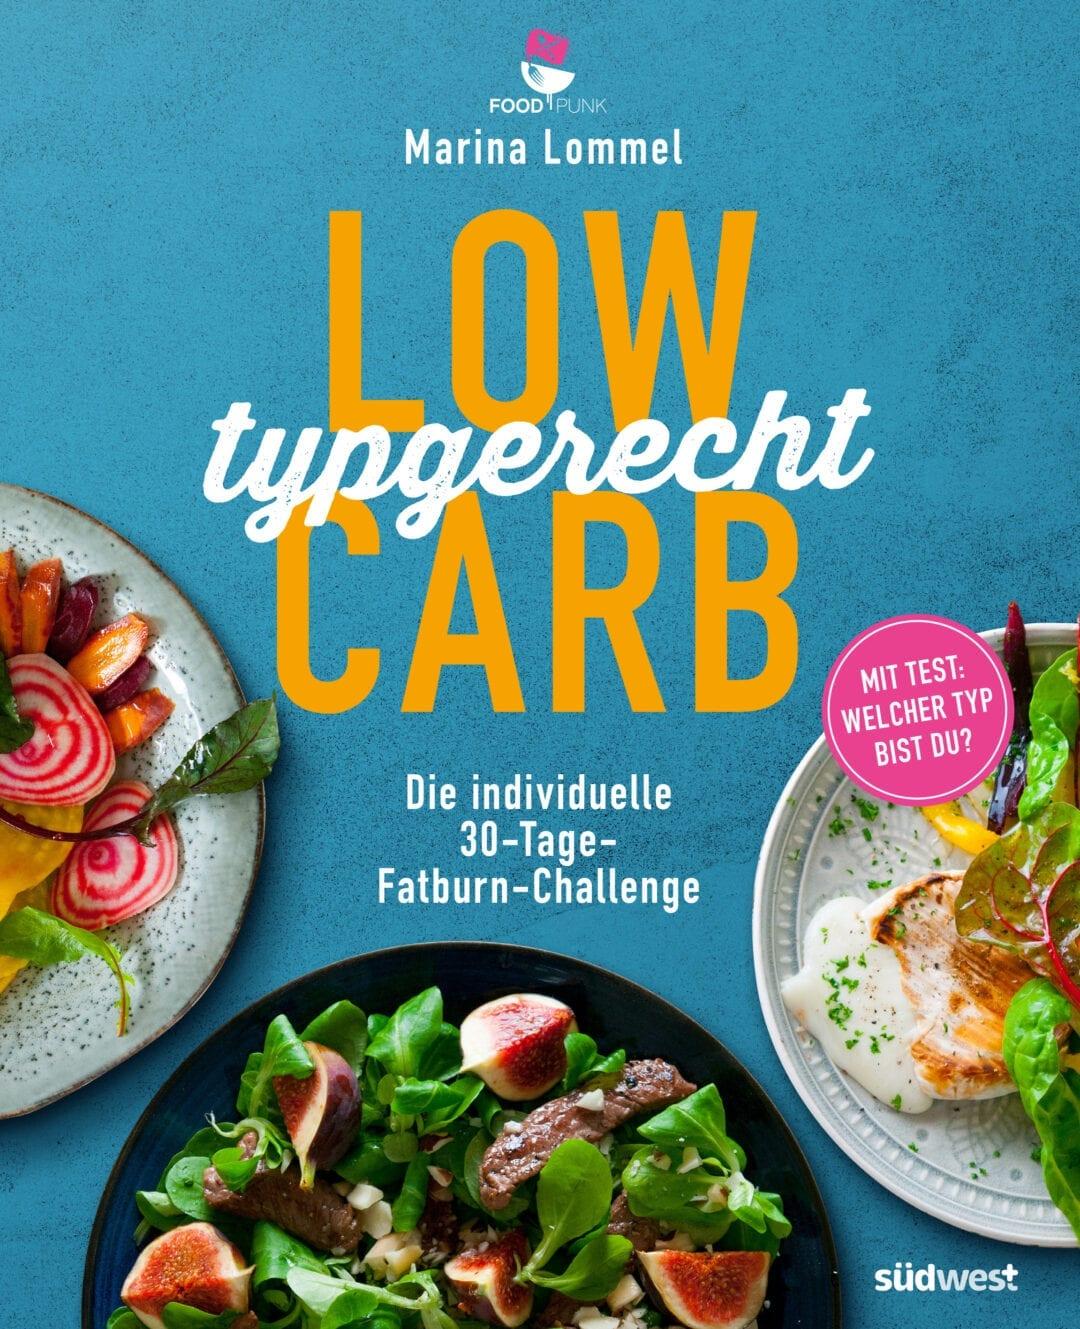 Das Foodpunk Buch